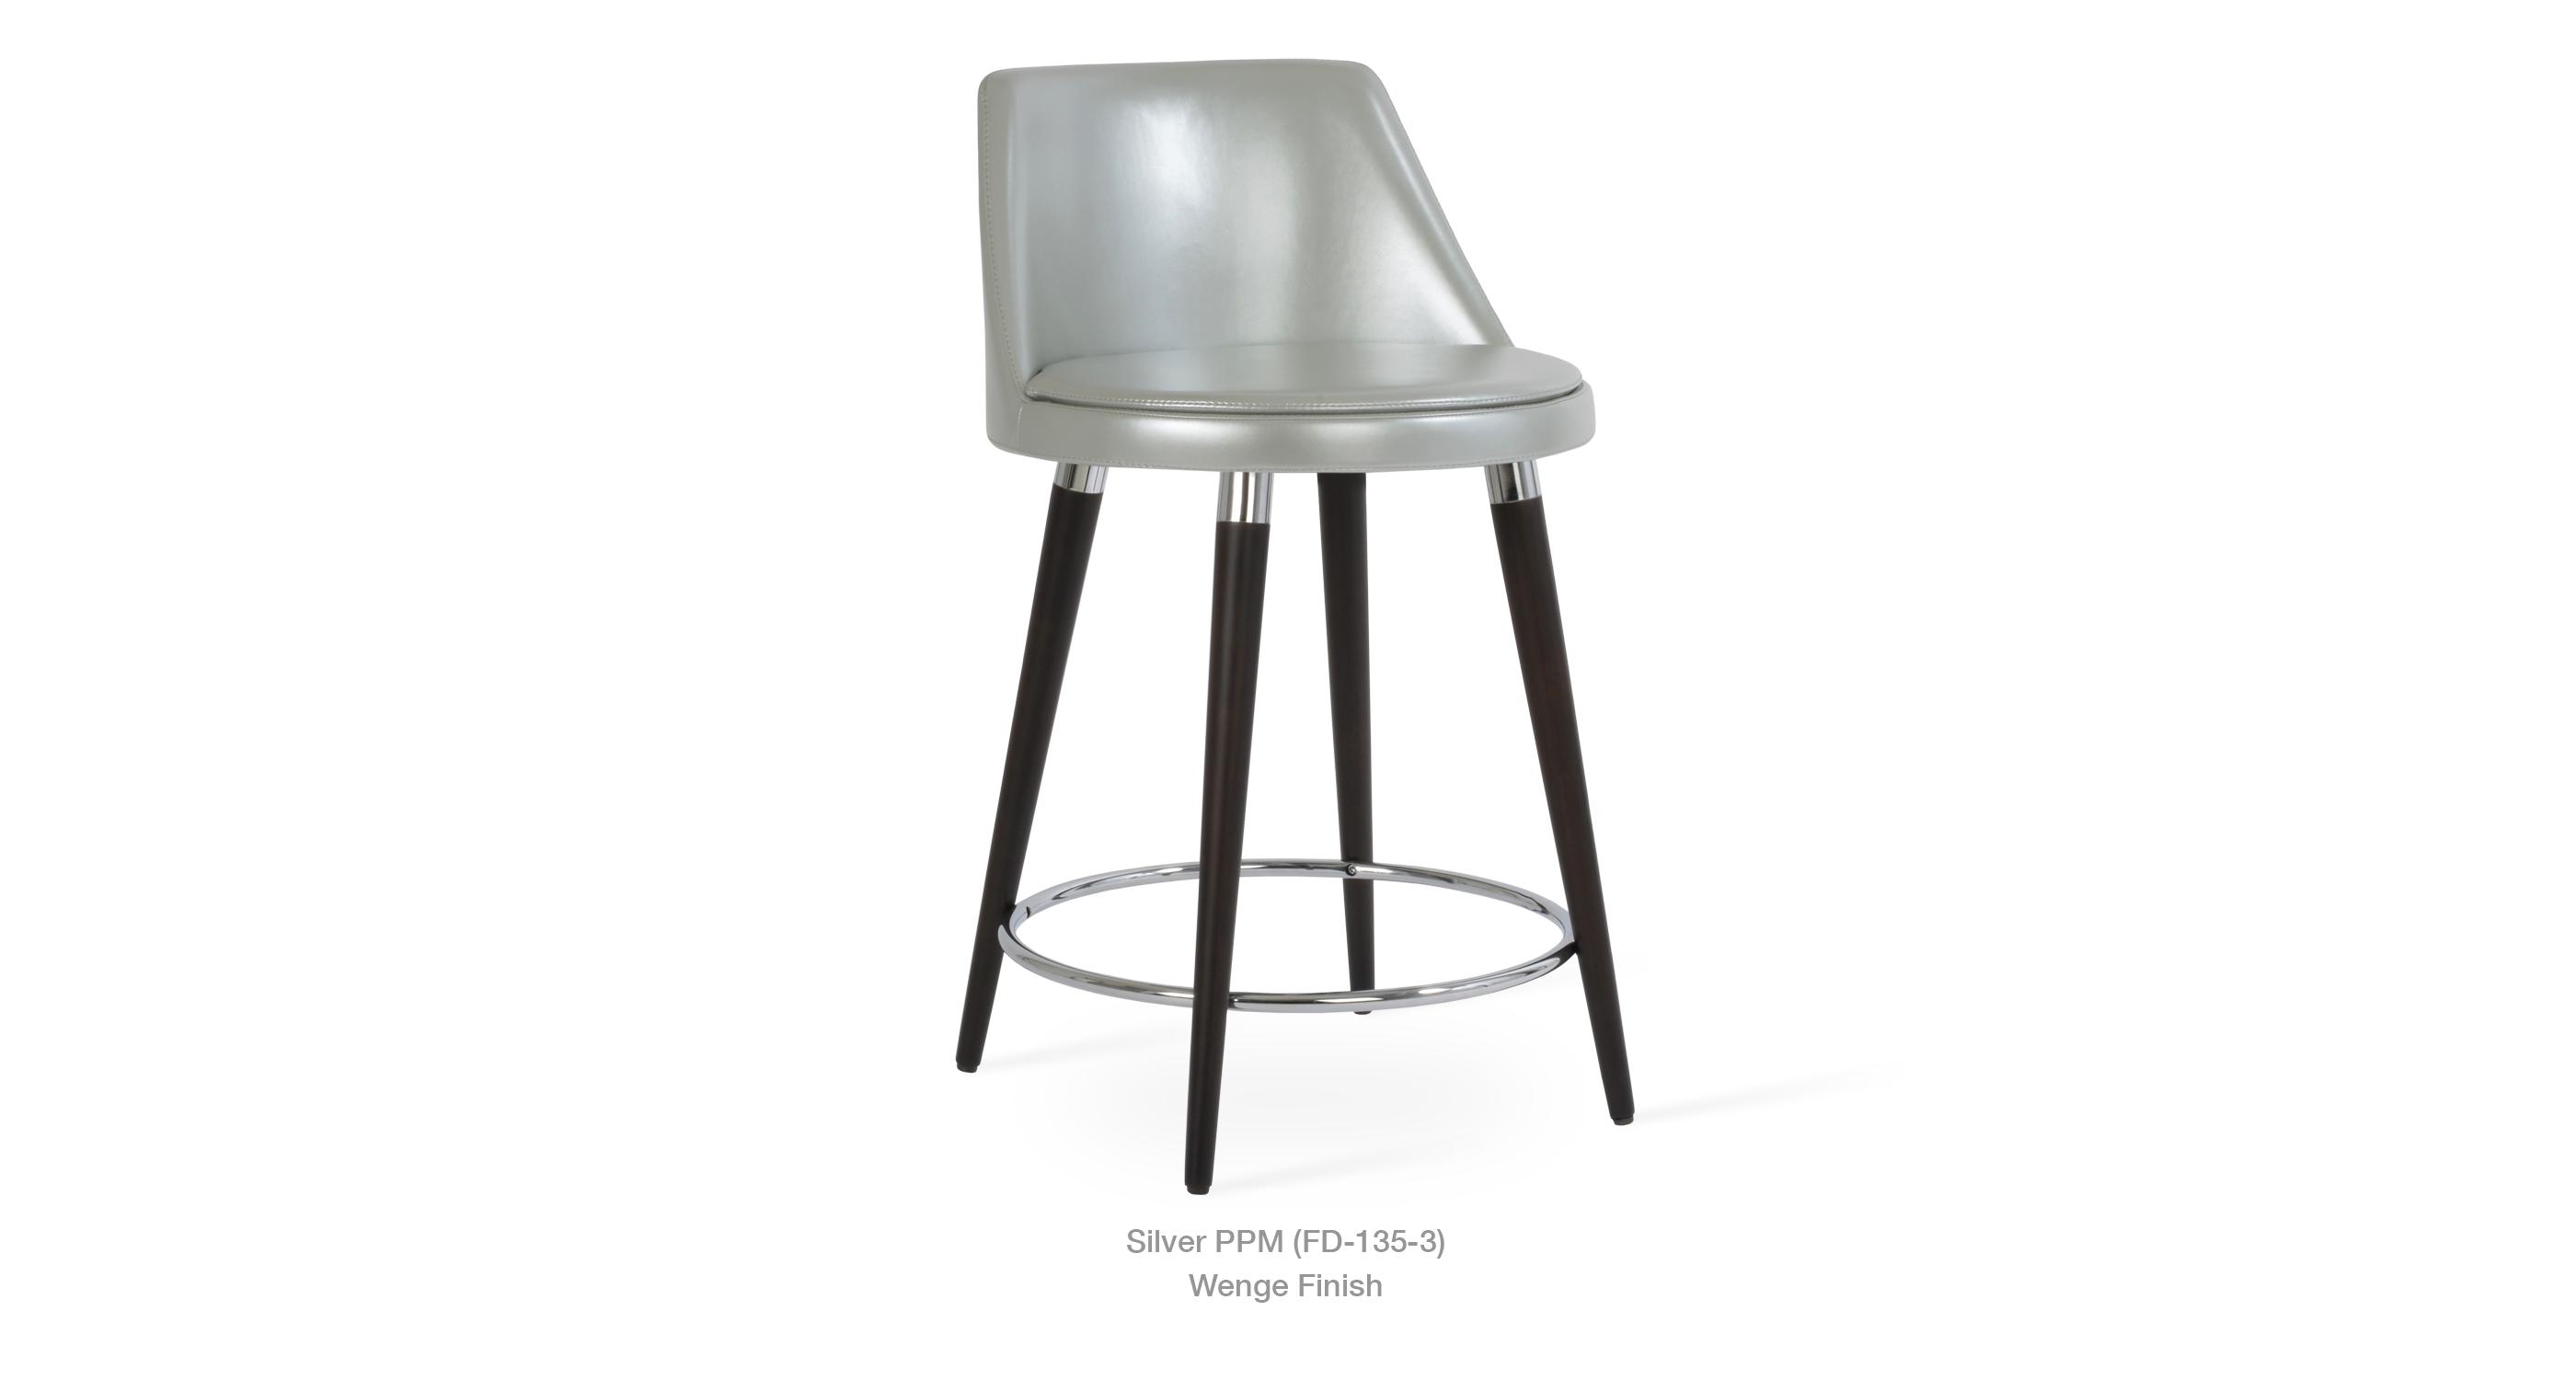 Phenomenal Martini Dr Wood Modern Bar Stoolmodern Furniture Frankydiablos Diy Chair Ideas Frankydiabloscom